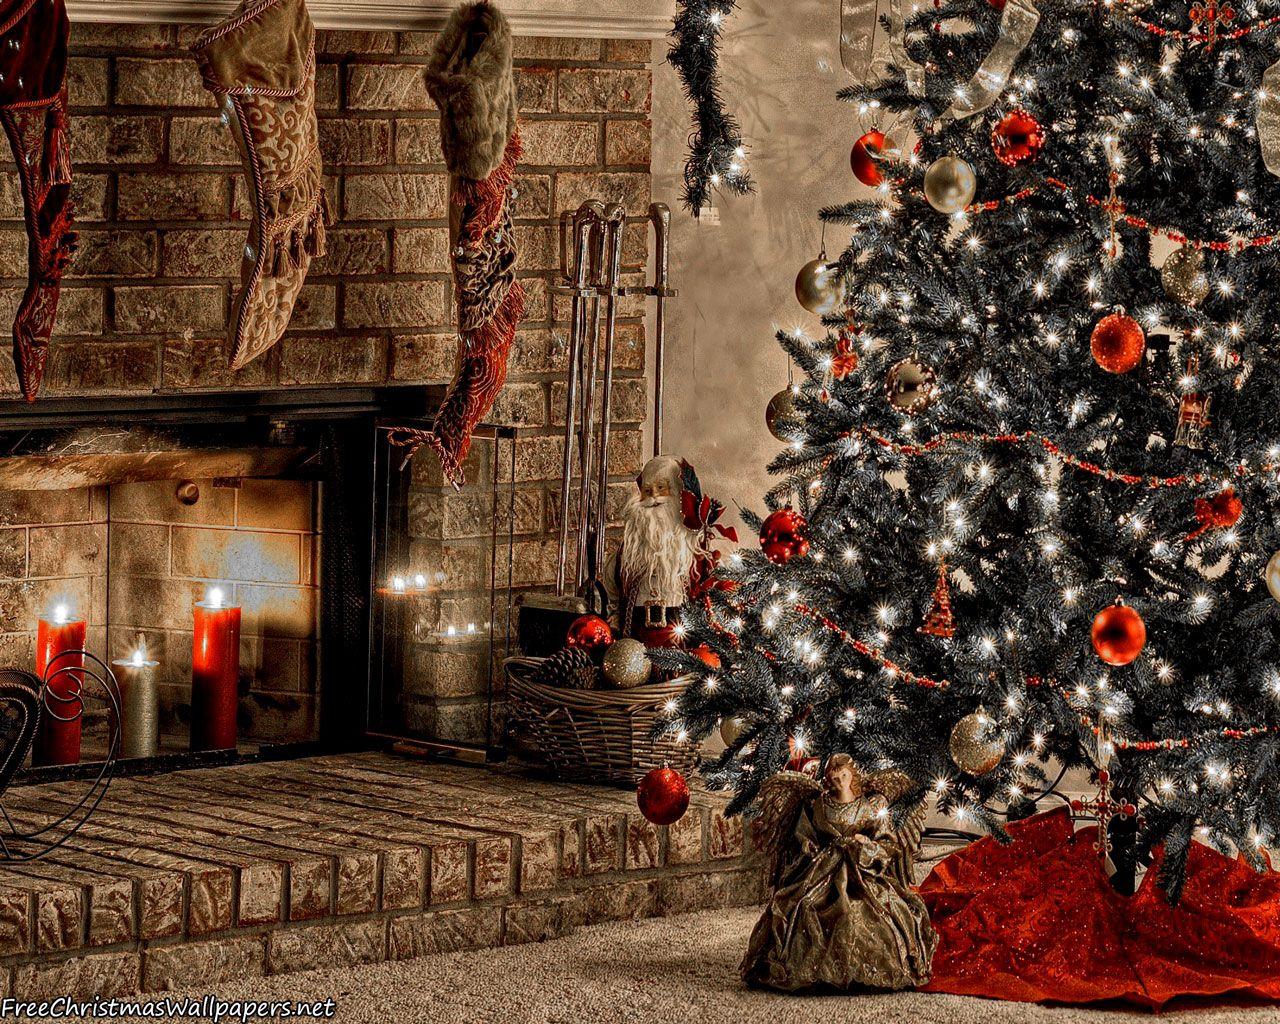 Warm Christmas Fireplace Christmas Wallpaper Free Christmas Phone Wallpaper Christmas Fireplace